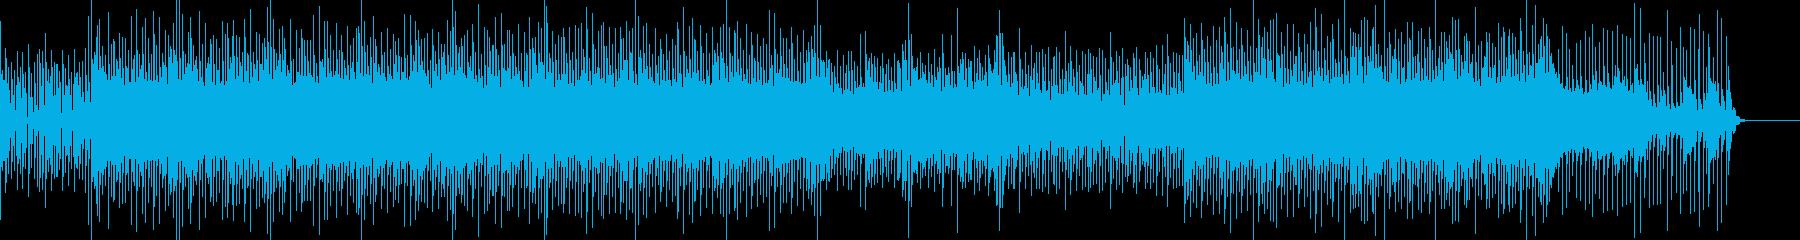 動くベース音とシンセリードが特徴のBGMの再生済みの波形